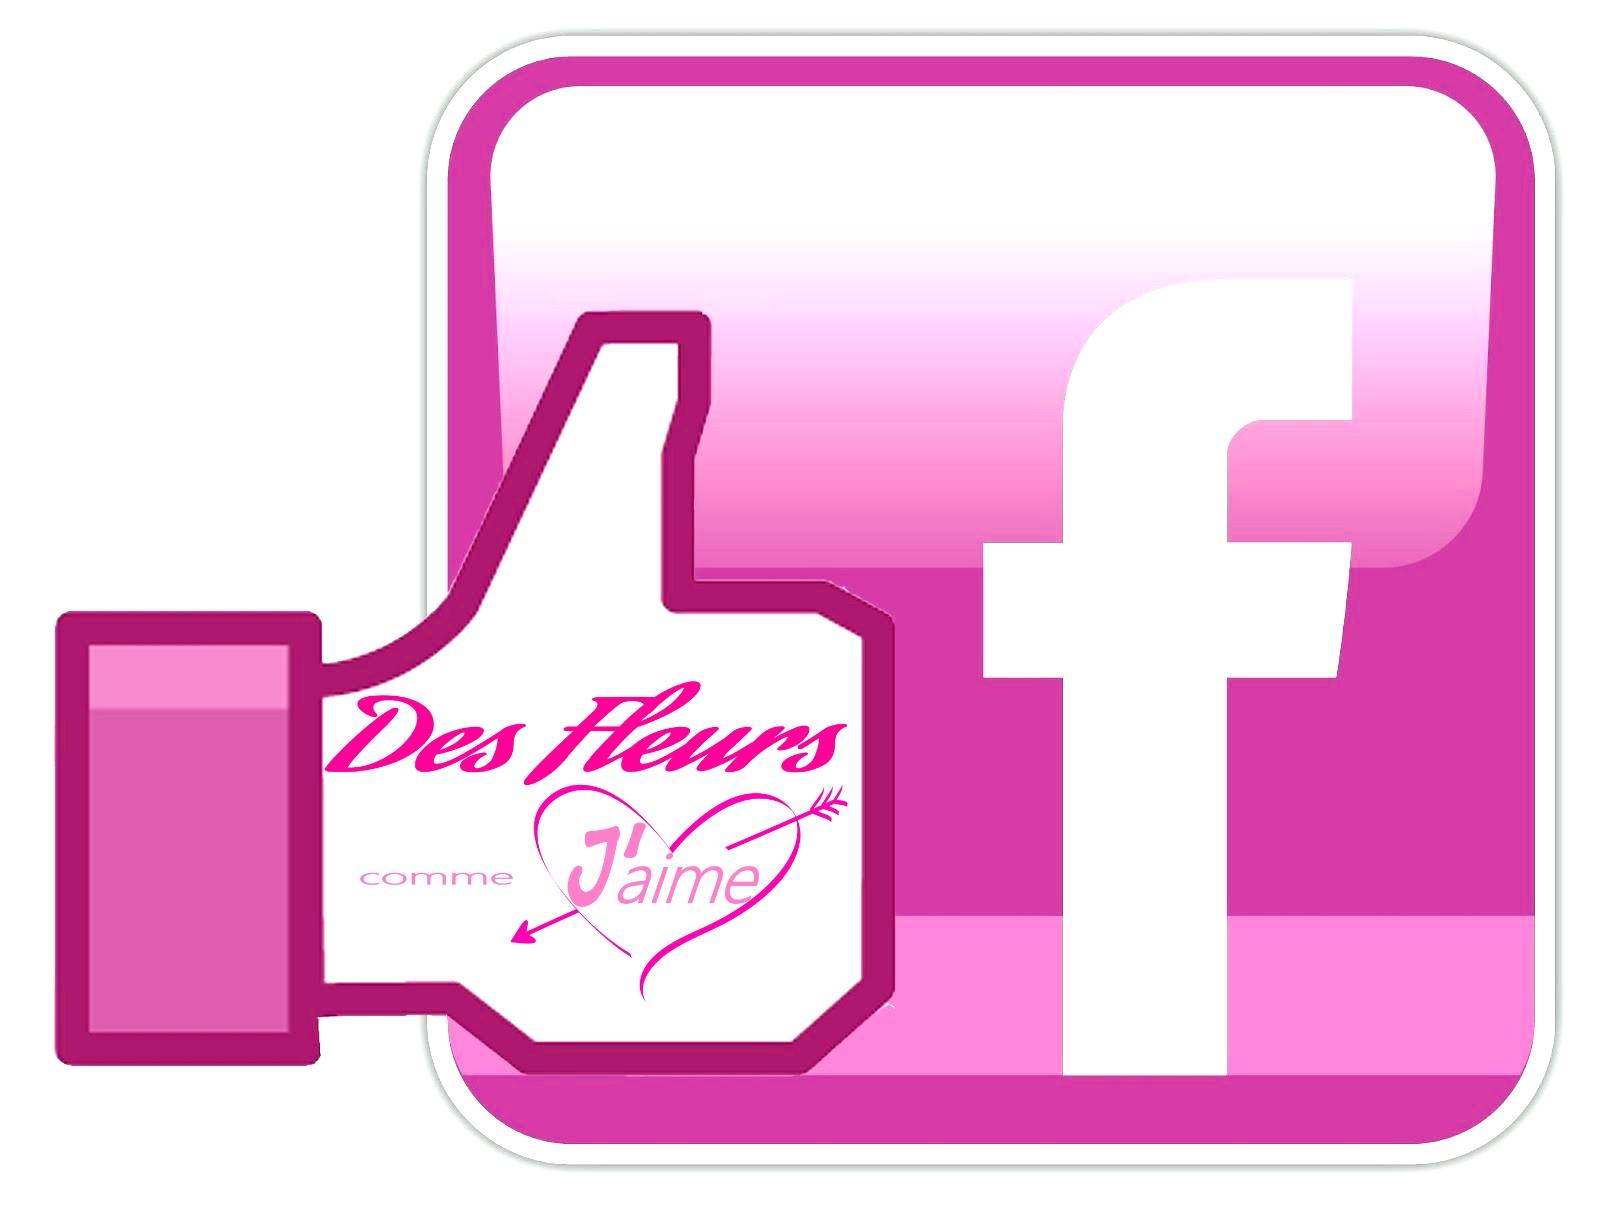 facebook des fleurs comme j'aime